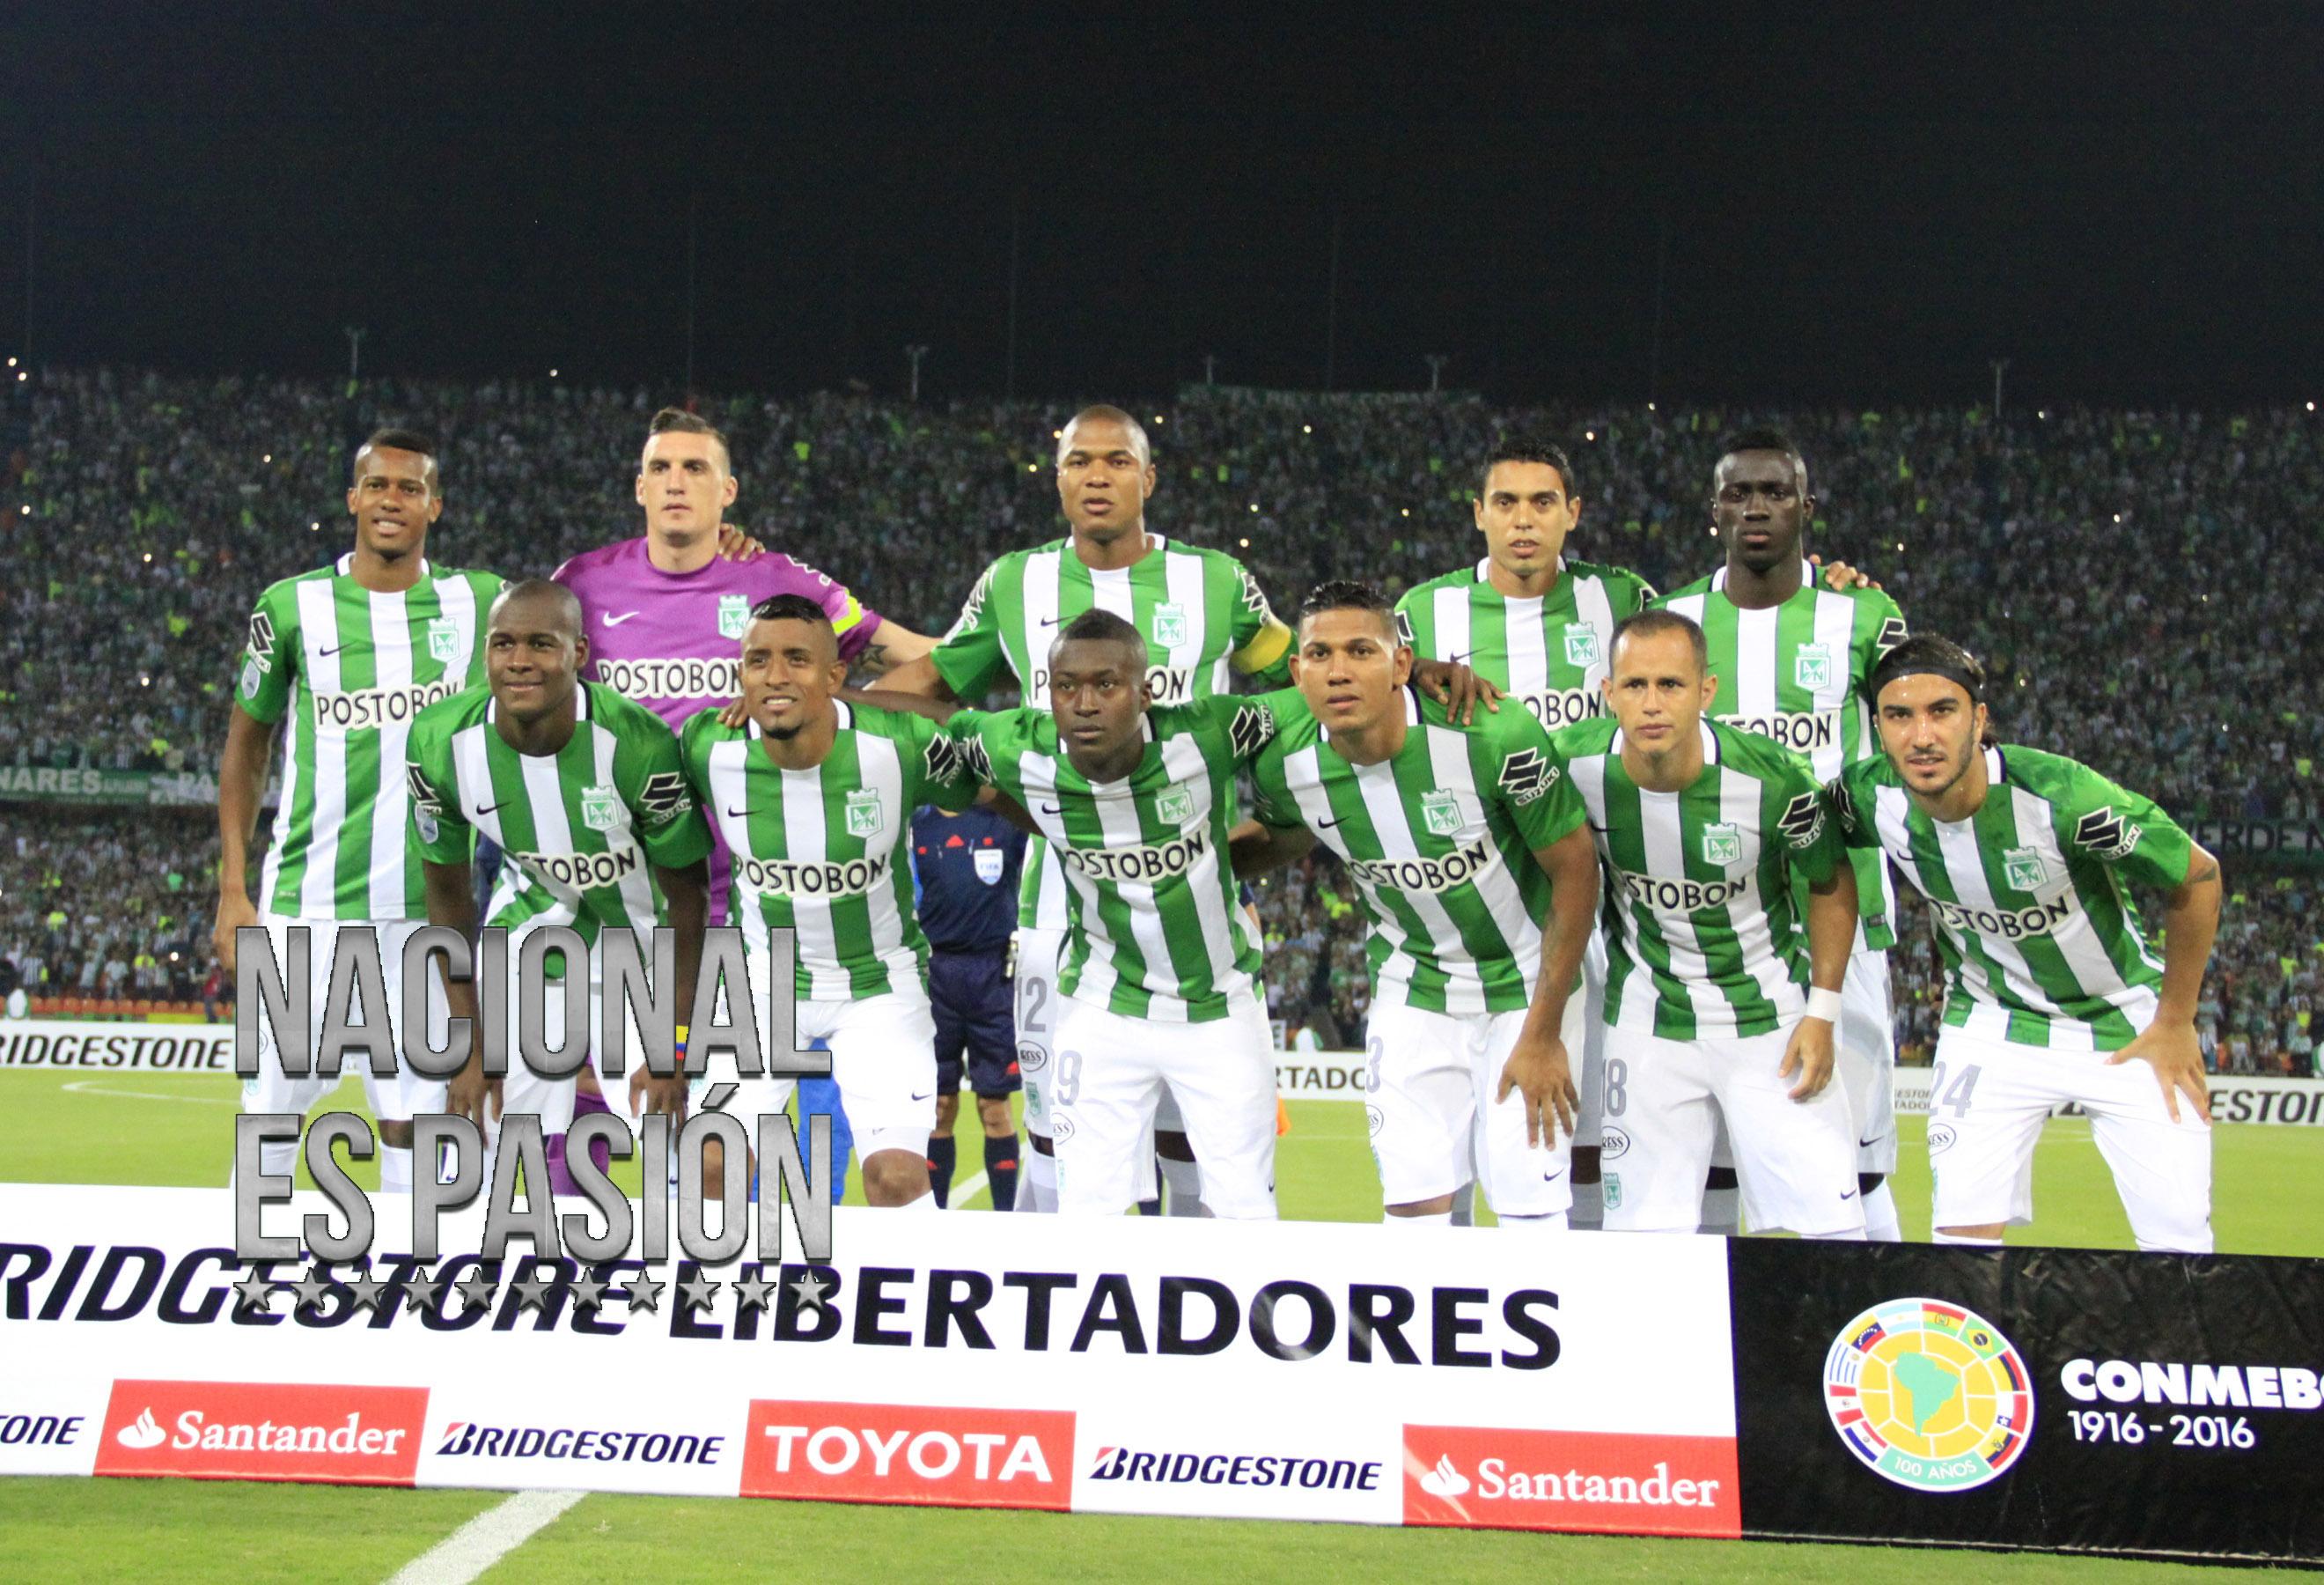 Atletico Nacional Vs Sporting Cristal: la libertadores en imágenes